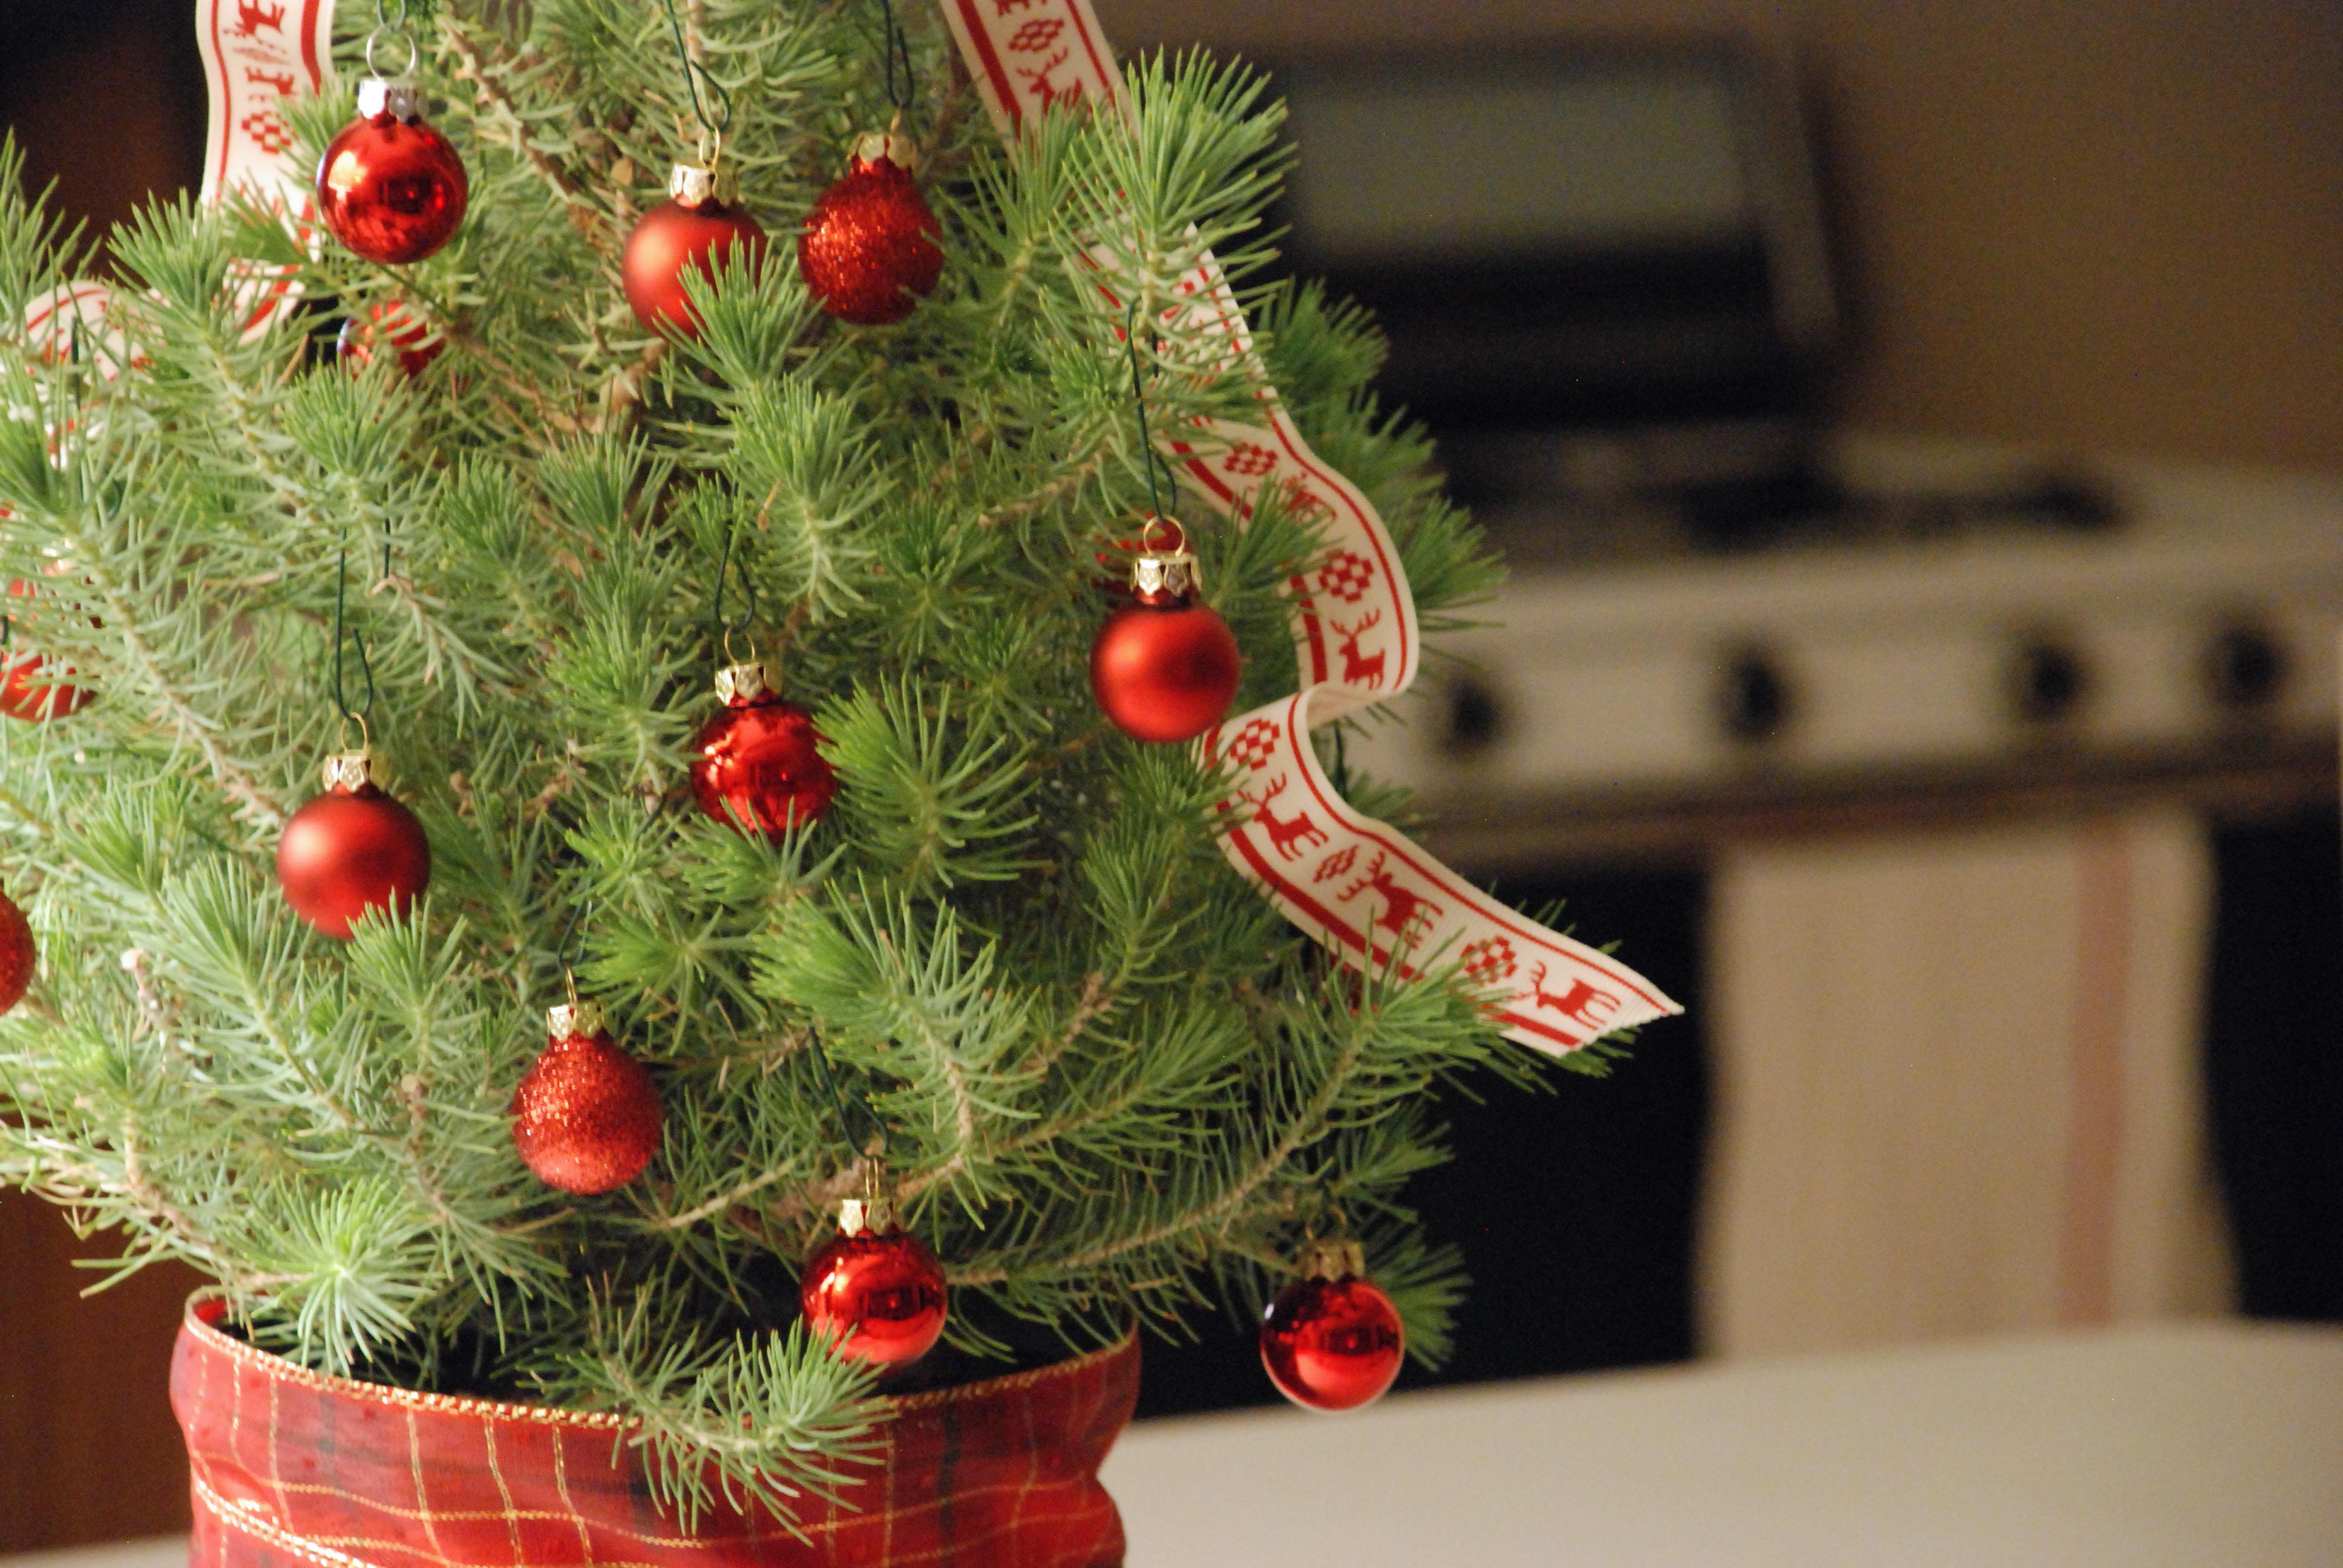 Weihnachtsbaum im Topf - Vorteile und Pflege Tipps